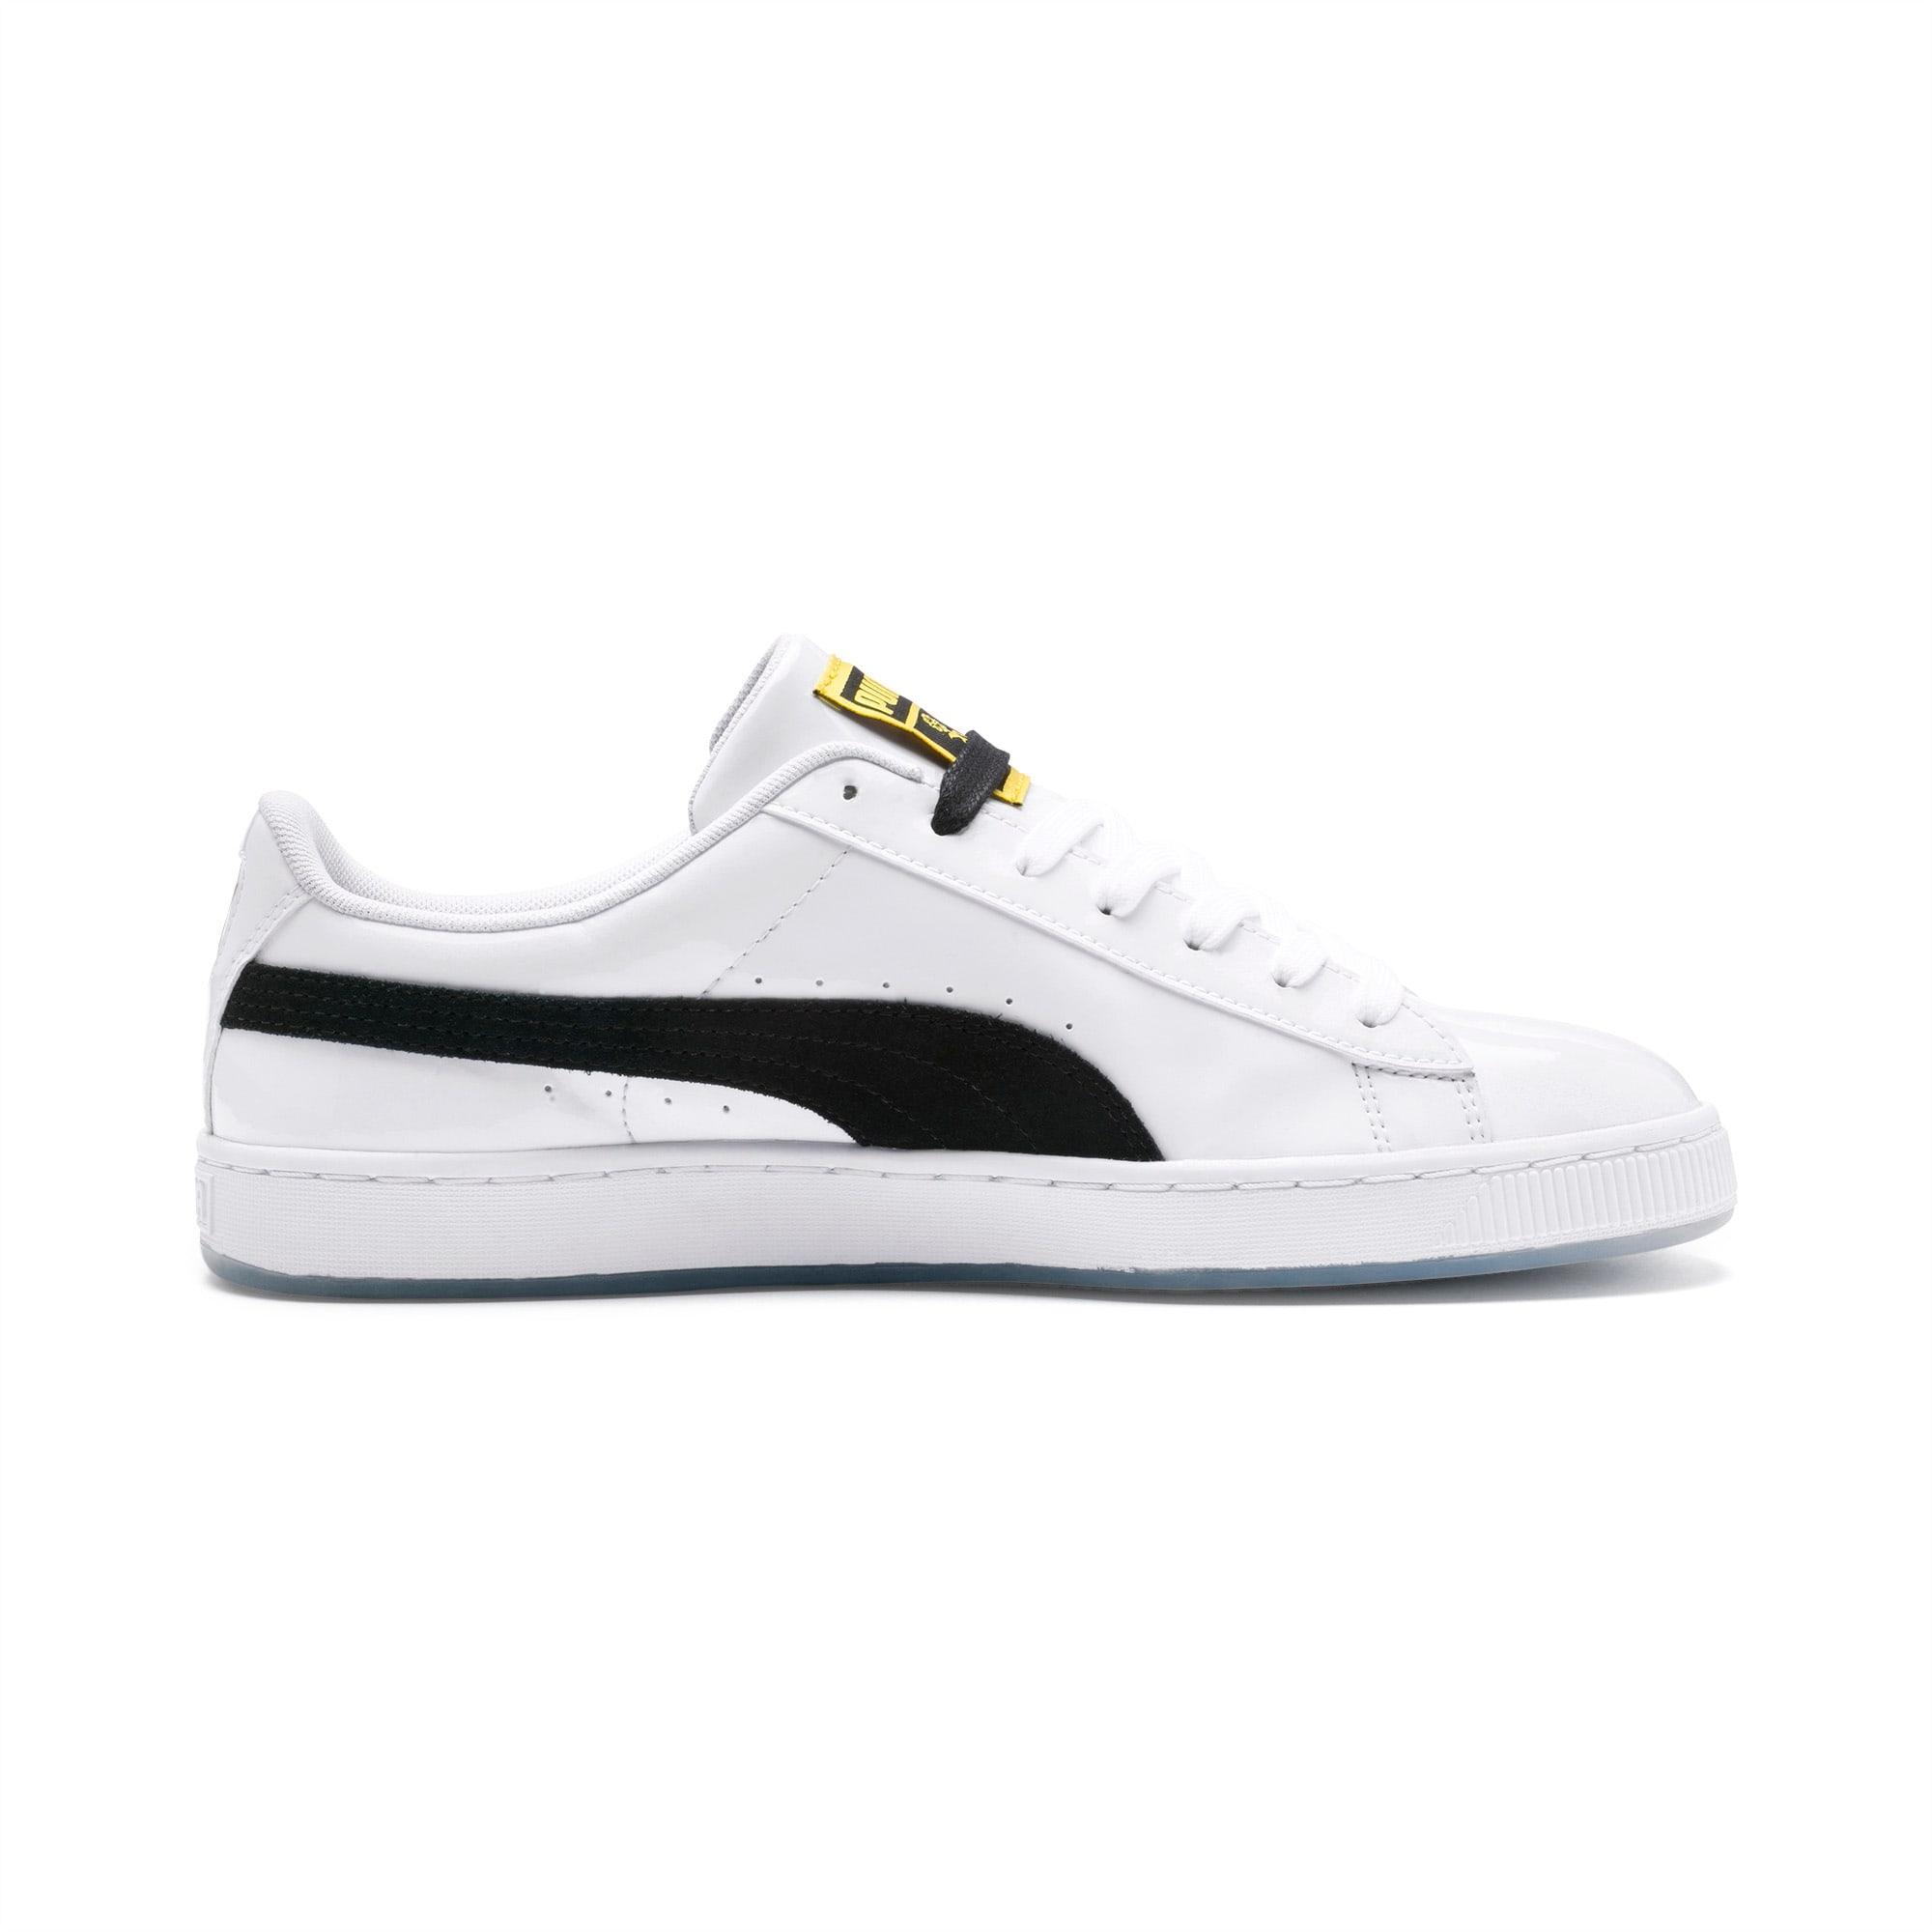 Puma x Bts Basket Patent BTS Shoes